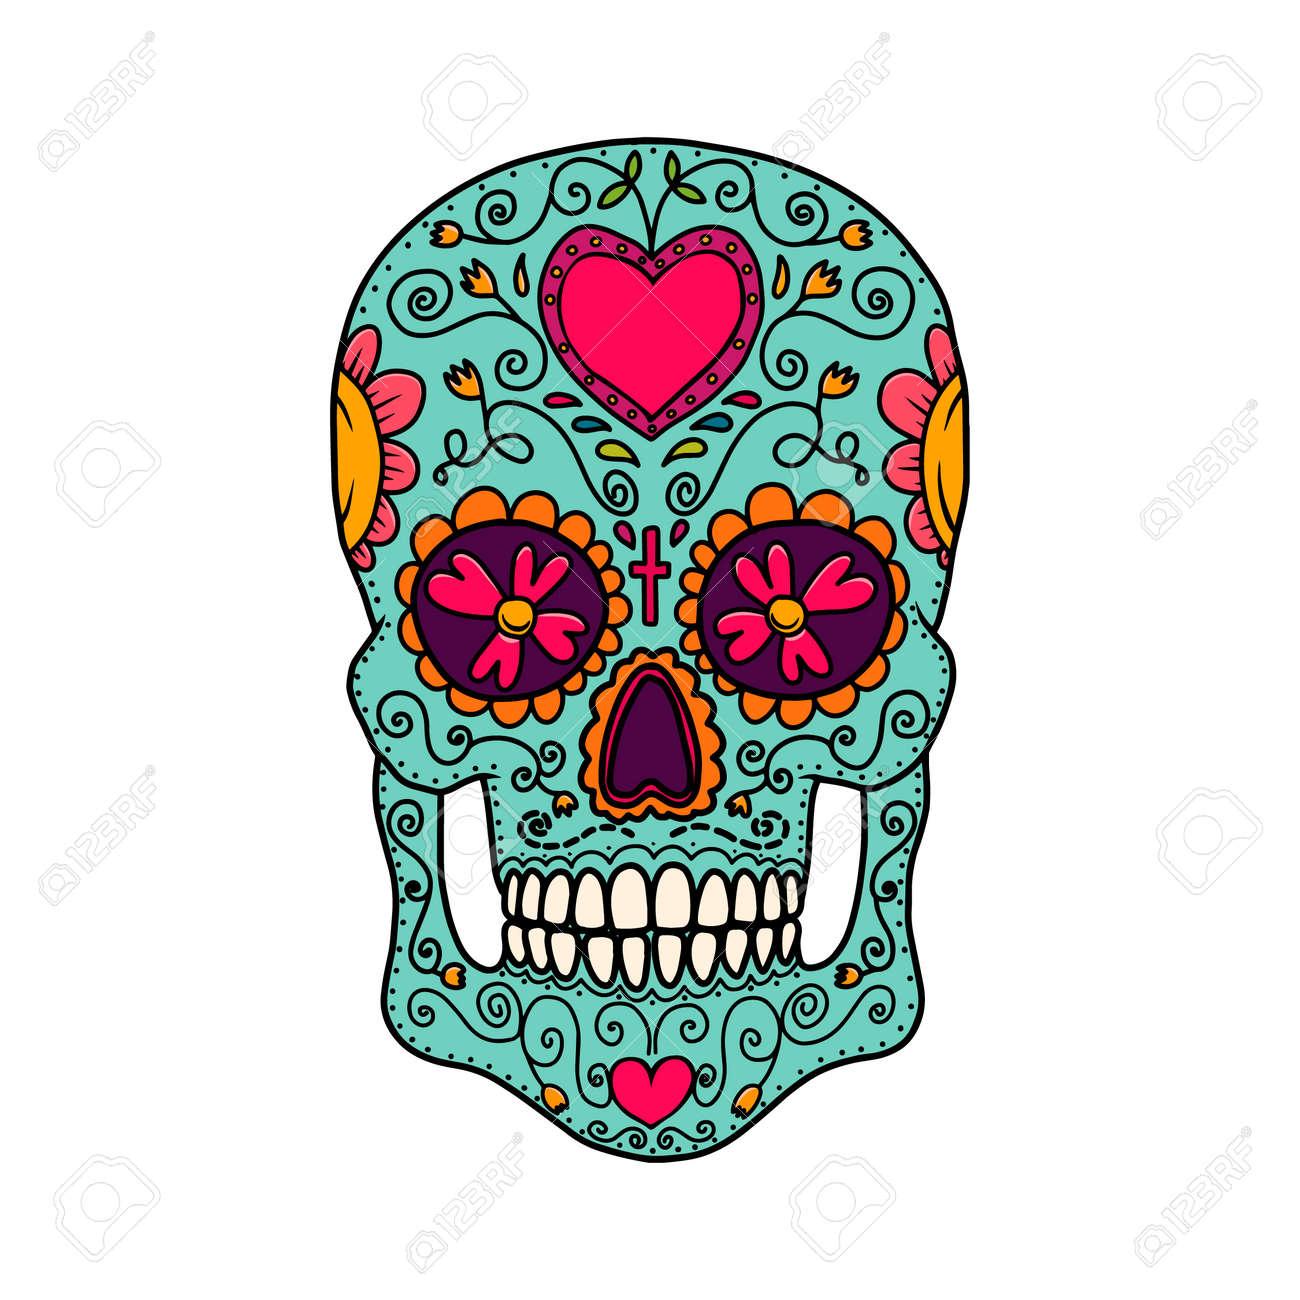 Illustration of mexican sugar skull. Design element for logo, emblem, sign, poster, card, banner. Vector illustration - 157295797